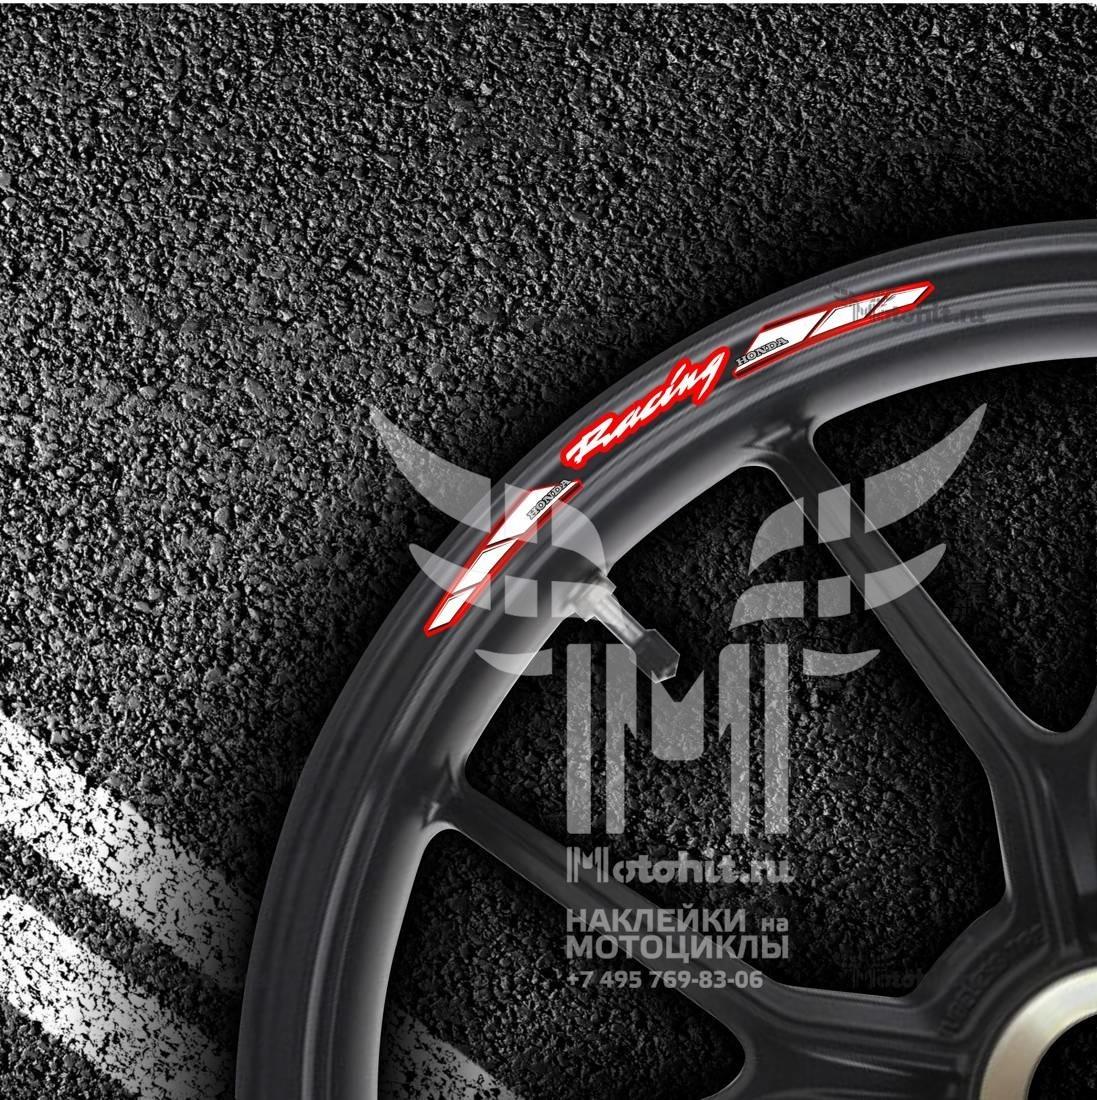 Комплект наклеек на обод колеса мотоцикла HONDA RACING